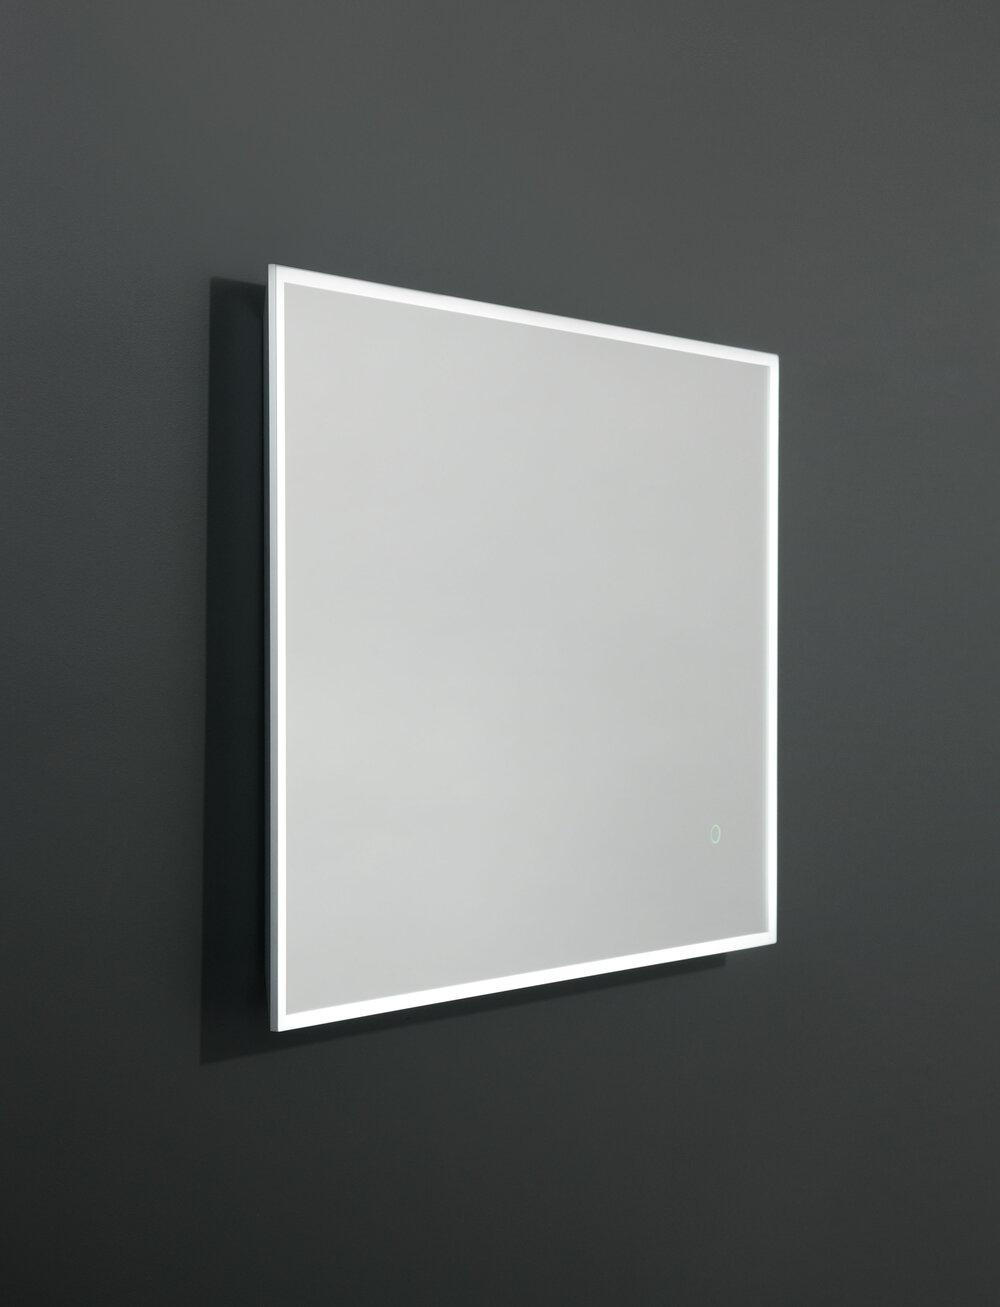 Star - Backlight LED-spejl - 60 cm høj - Spejle